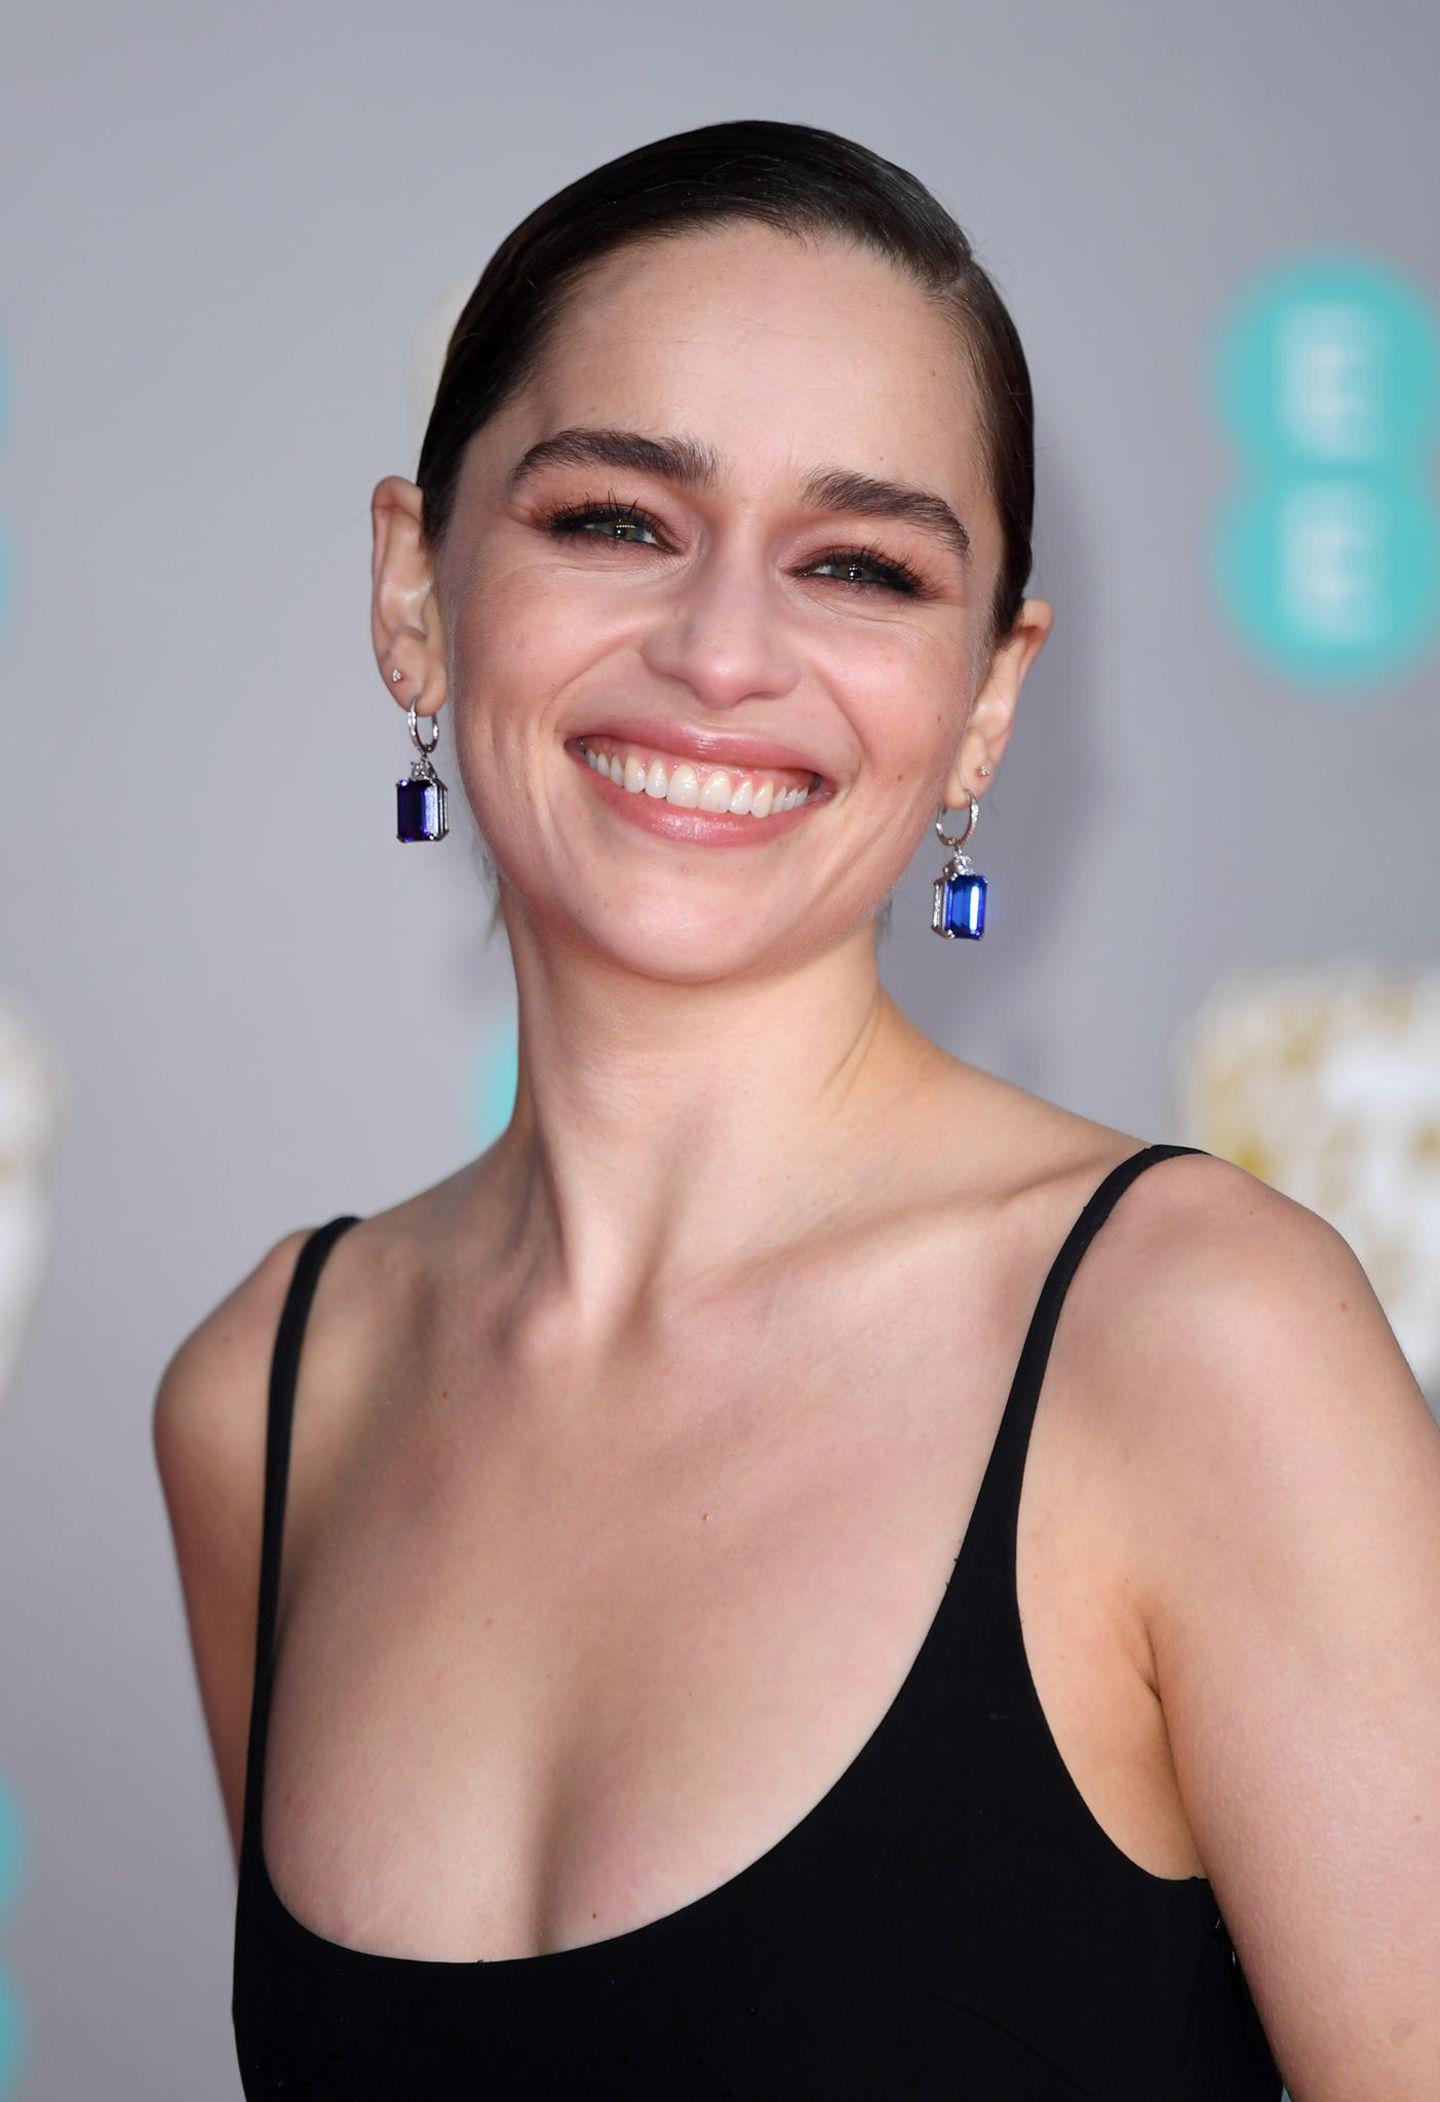 """Emilia Clarke hat es, das Eine-Million-Dollar-Lächeln. Und damitdas auch so natürlichbleibt, lehnt die """"Game of Thrones""""-Darstellerin Botox, Filler & Hyaluron im Gesicht ab. In einem Interview mit der britischen Elle sagt sie: """"Ich arbeite in einer Branche, in der ich mein Gesicht bewegen und ausdrucksstark sein muss,da kann man keine Filler verwenden"""". Eine kuriose Erfahrung mit einer Kosmetikerin hatte die Schauspielerin bereits: """"Ich hatte einmal eine Kosmetikerin, die mir sagte, ich bräuchte Filler und ich habe ihr die Tür gezeigt. Ich habe nur gesagt: 'Raus hier'"""", sagt sie im Interview."""